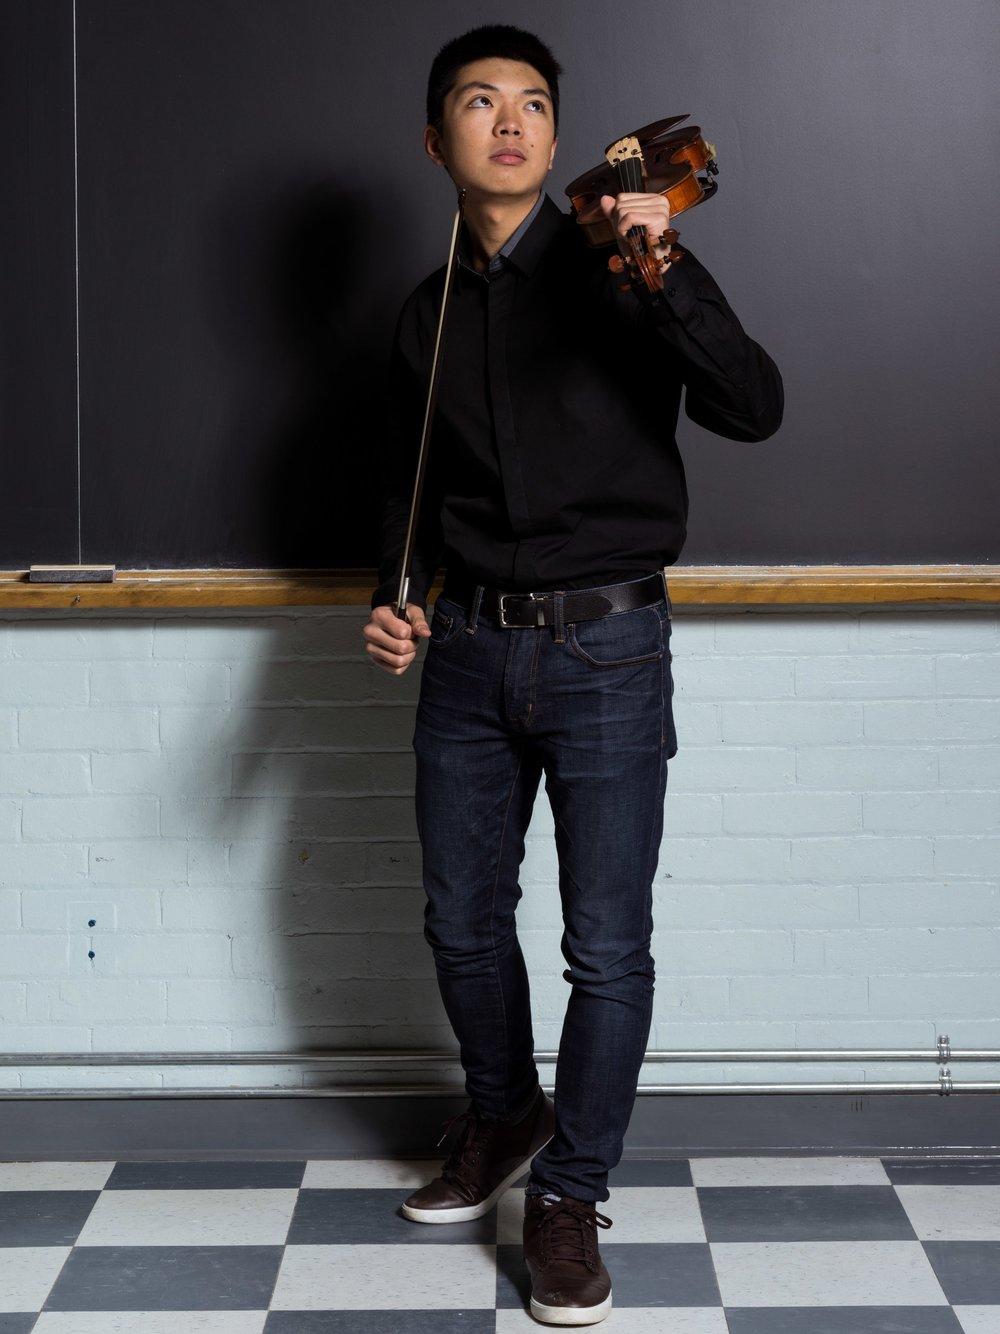 Kelvin Leung - Violin